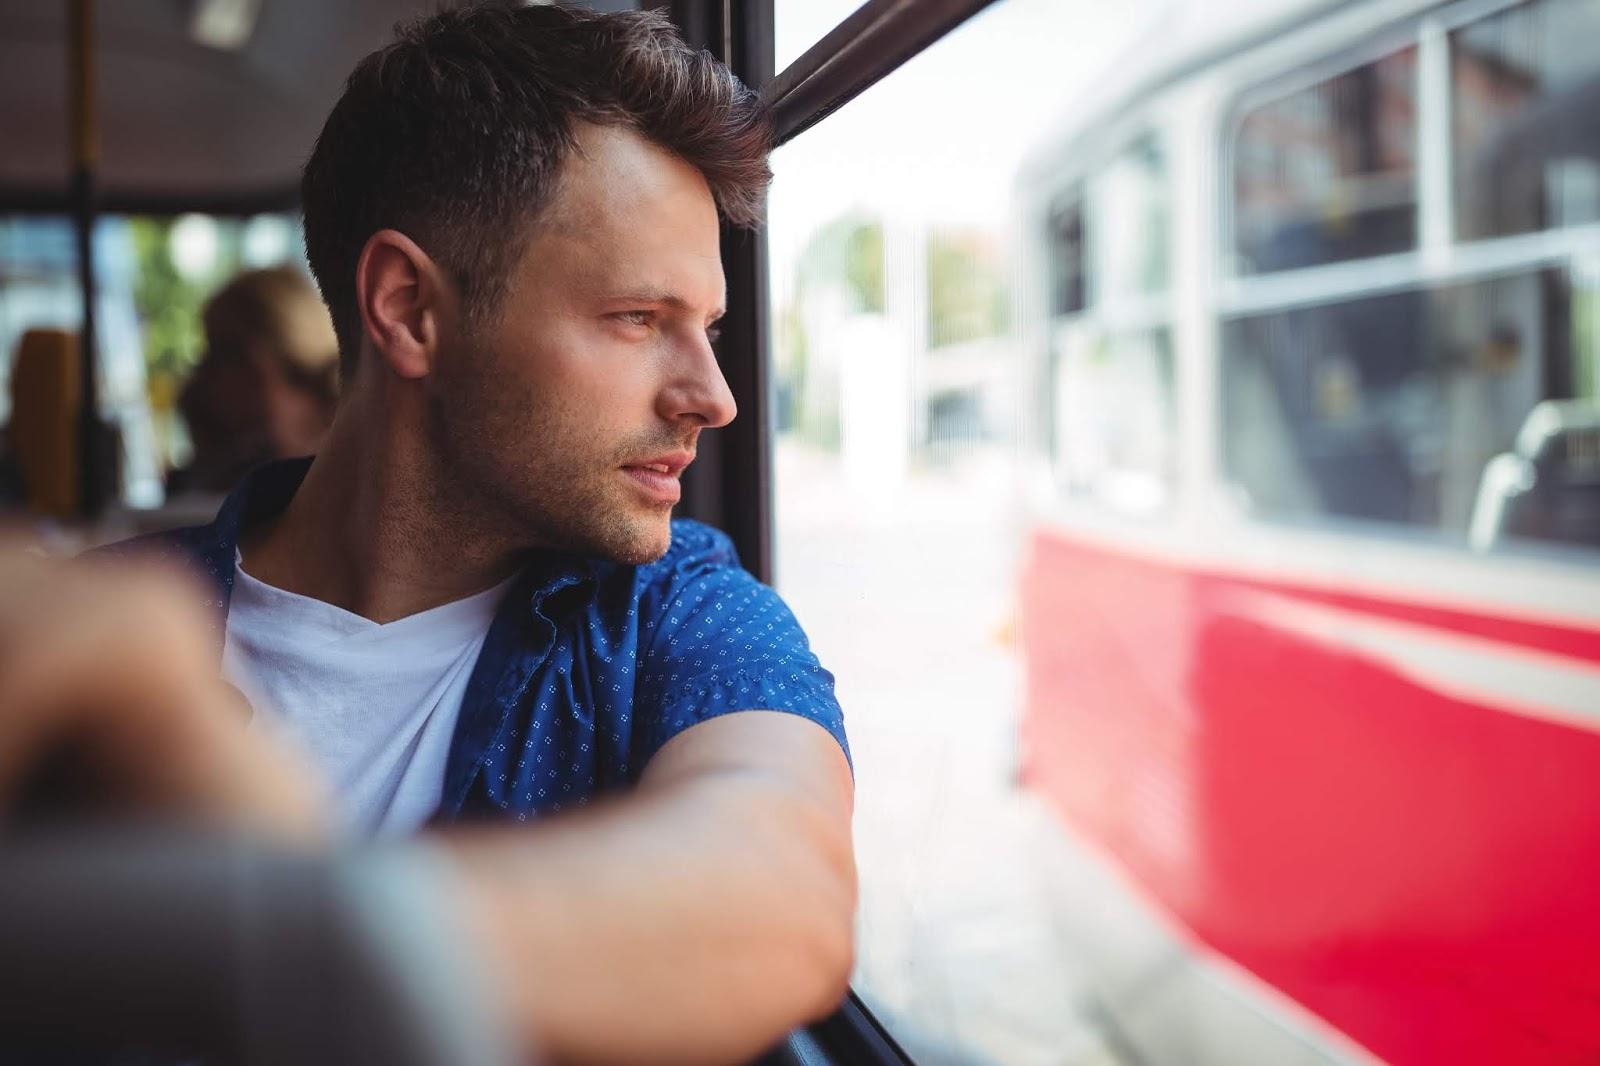 Melihat pemandangan dari balik jendela bus bisa menghilangkan penat (Sumber: The Postillon)